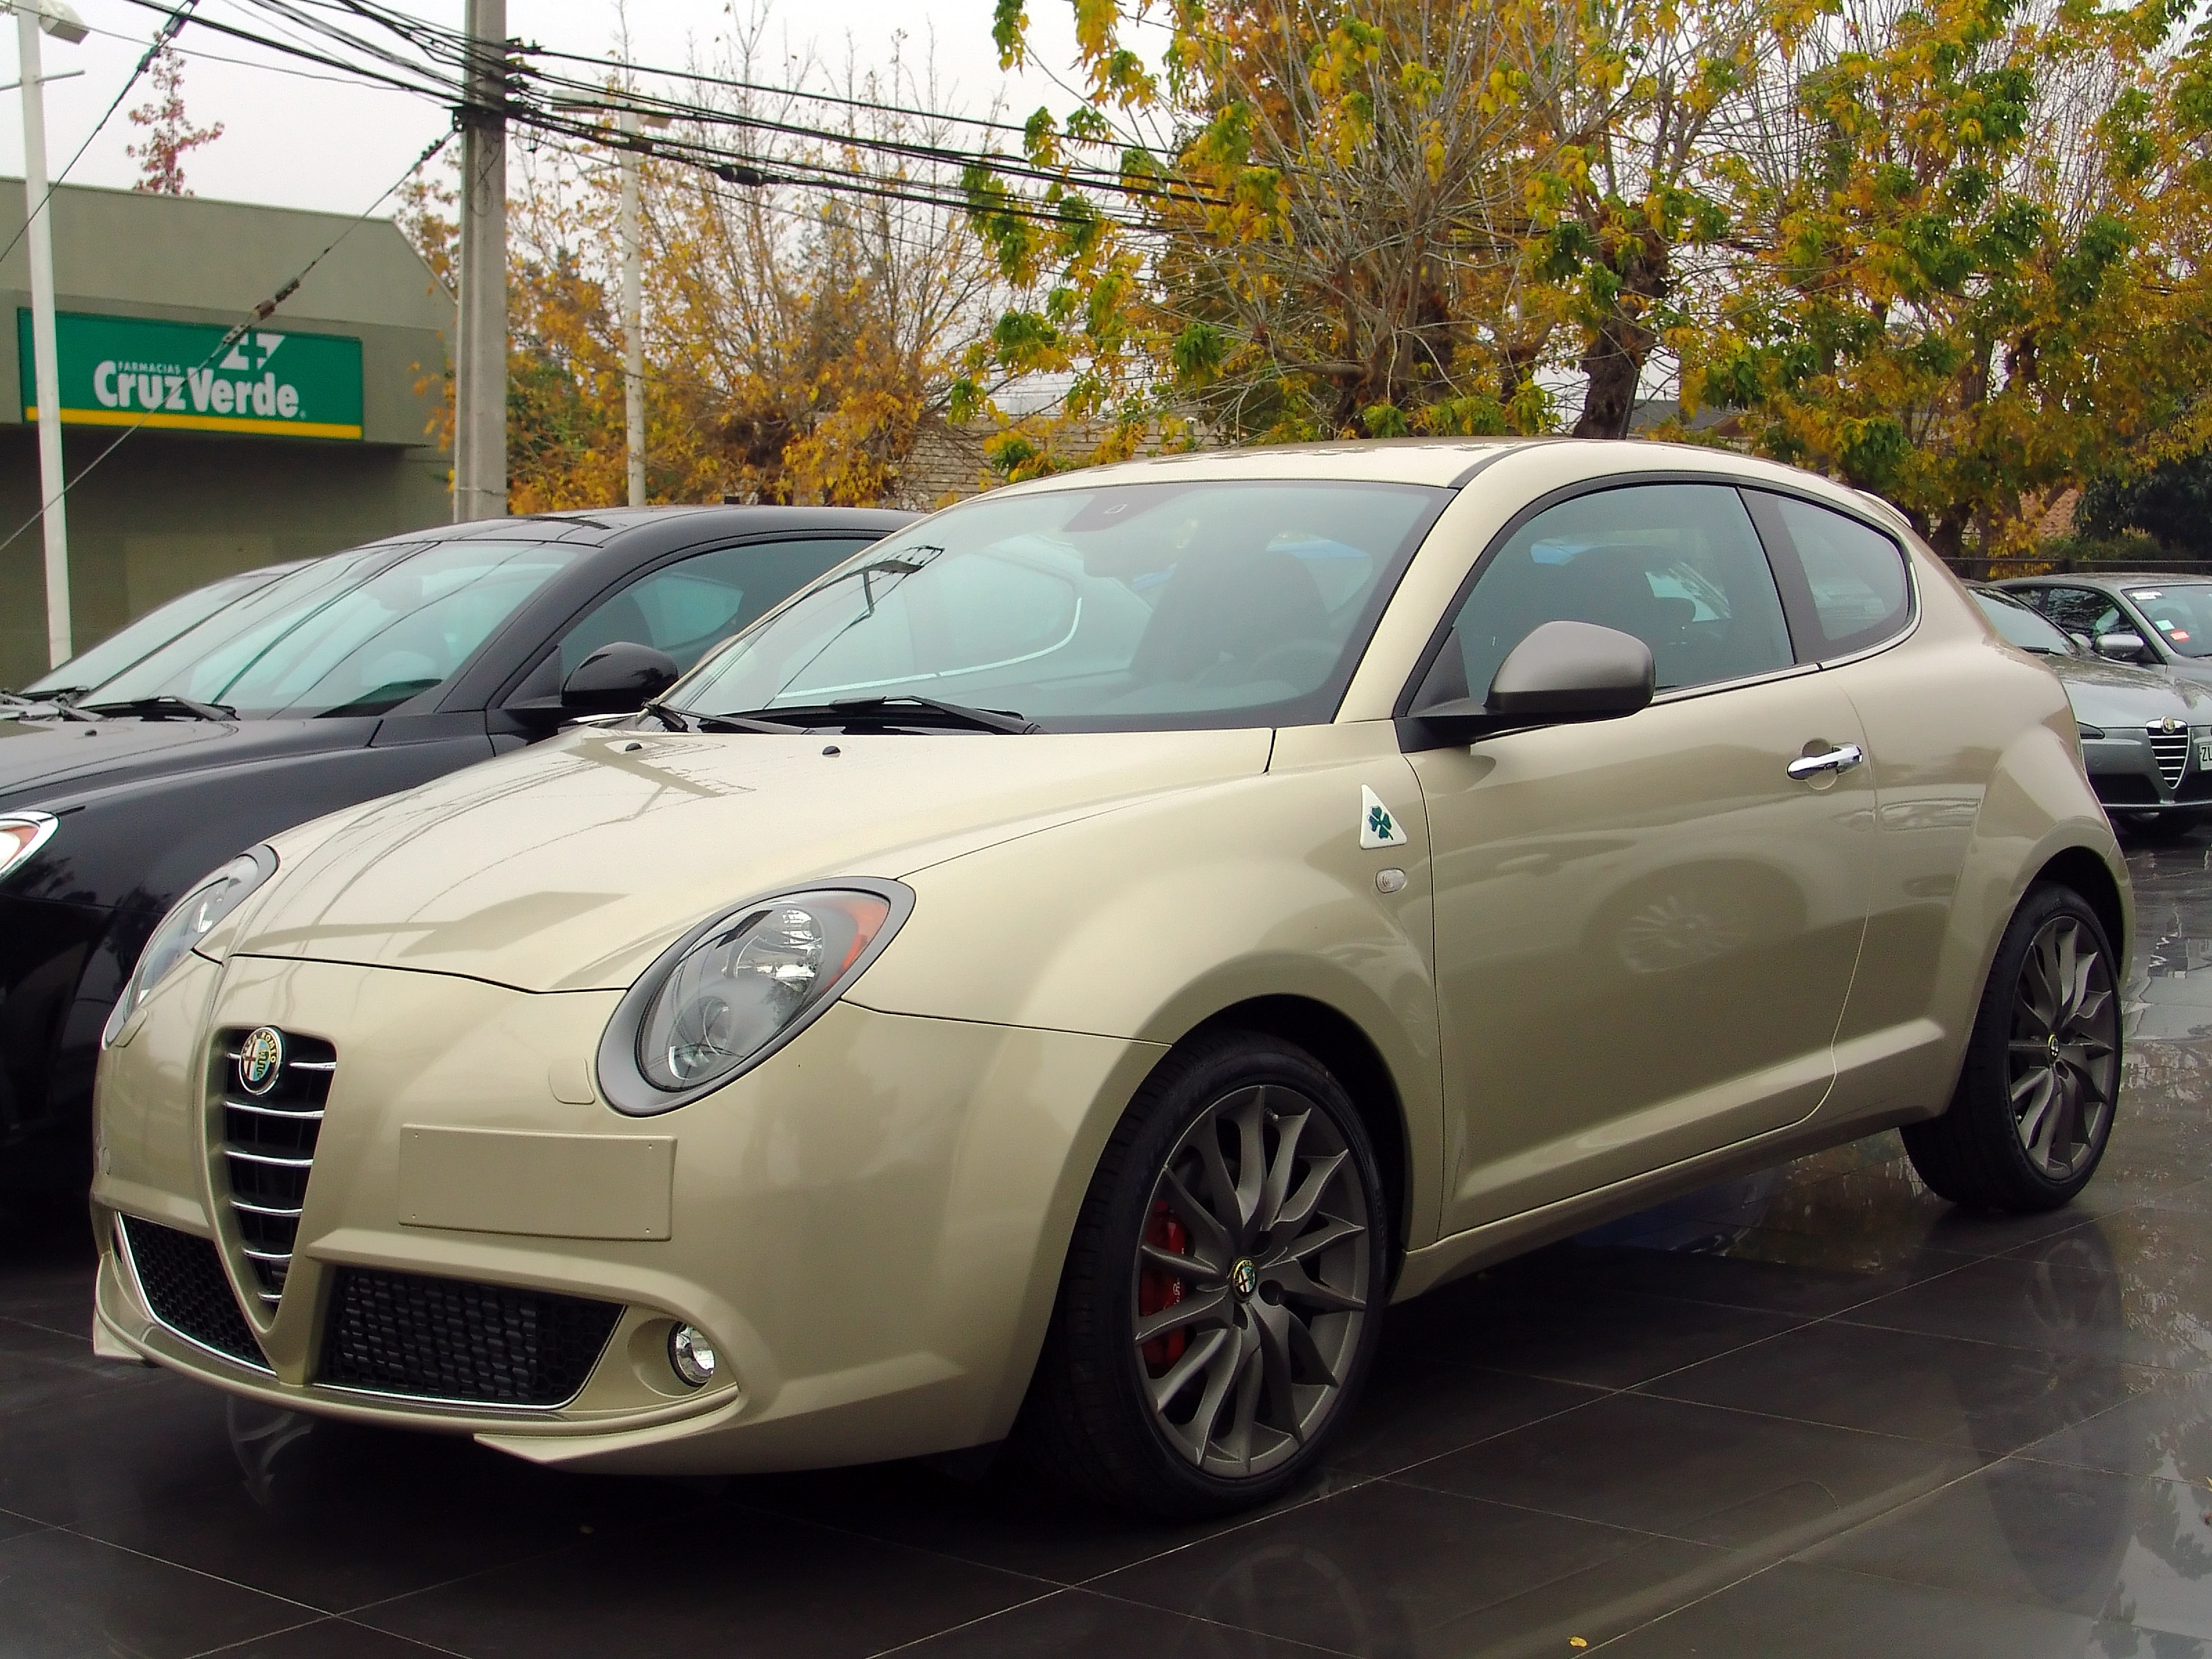 File Alfa Romeo Mito Quadrifoglio Verde 2011 11919685345 Jpg Wikimedia Commons